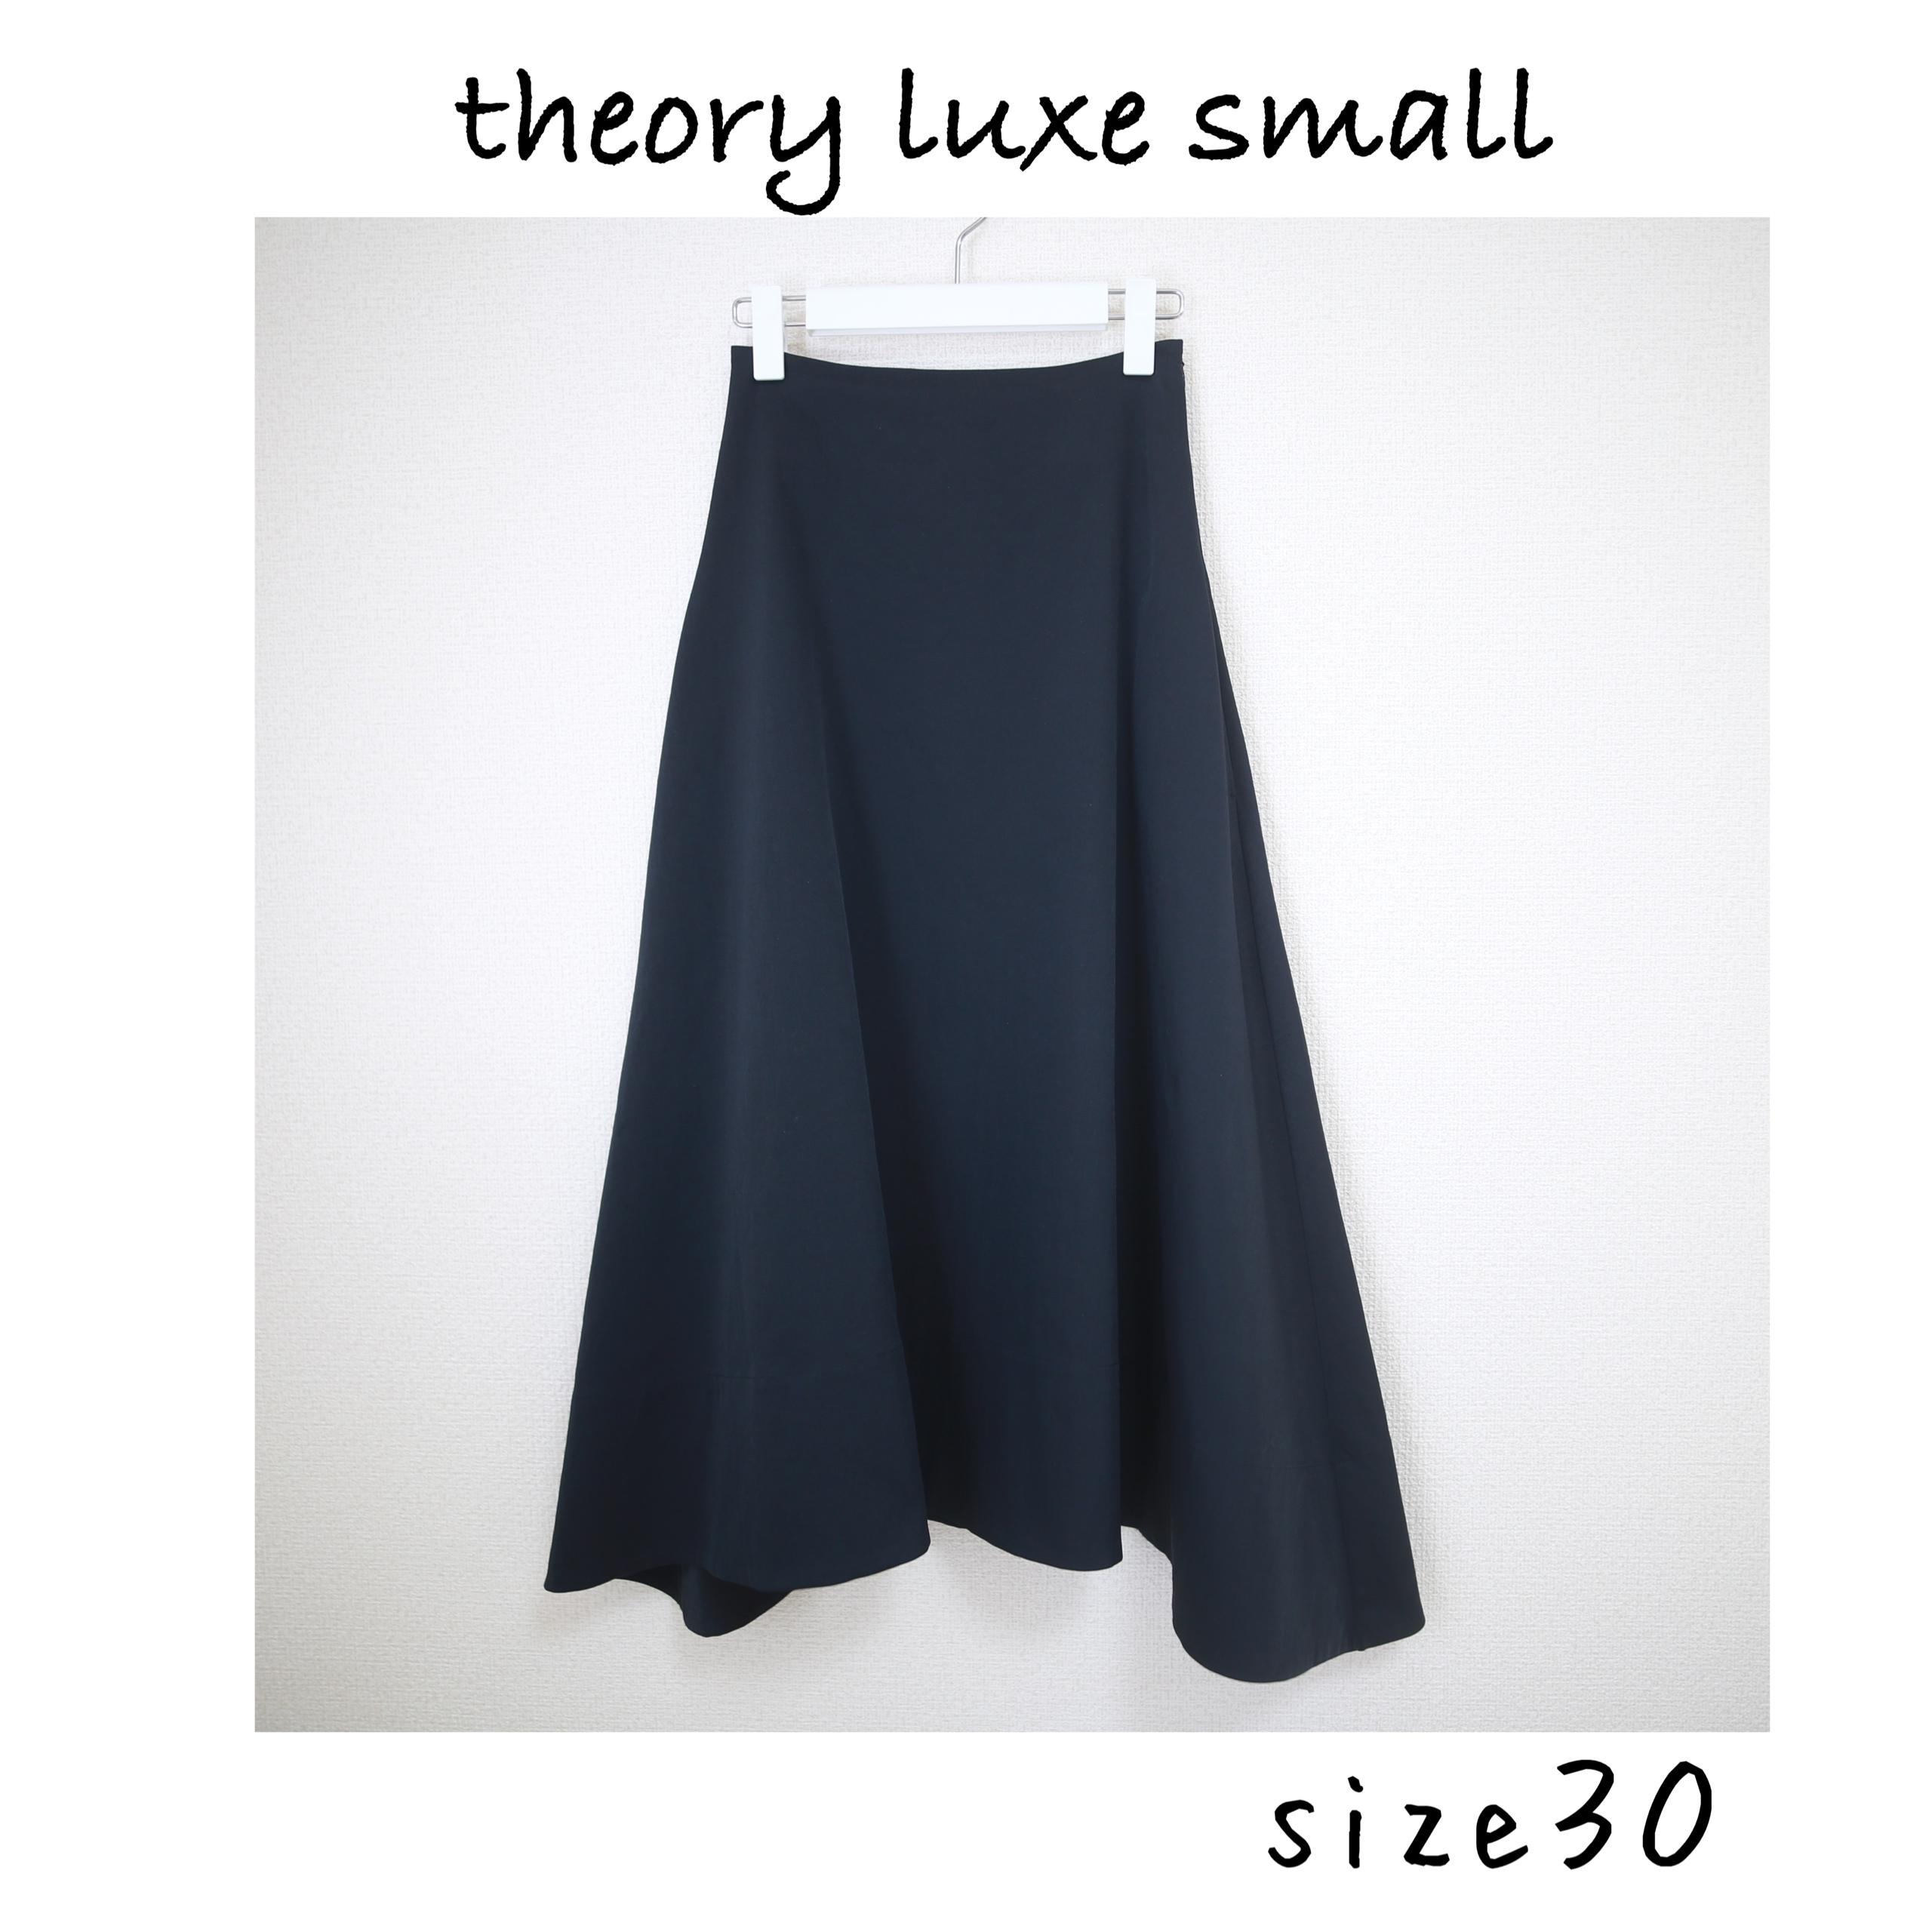 小柄 スカート theory luxe